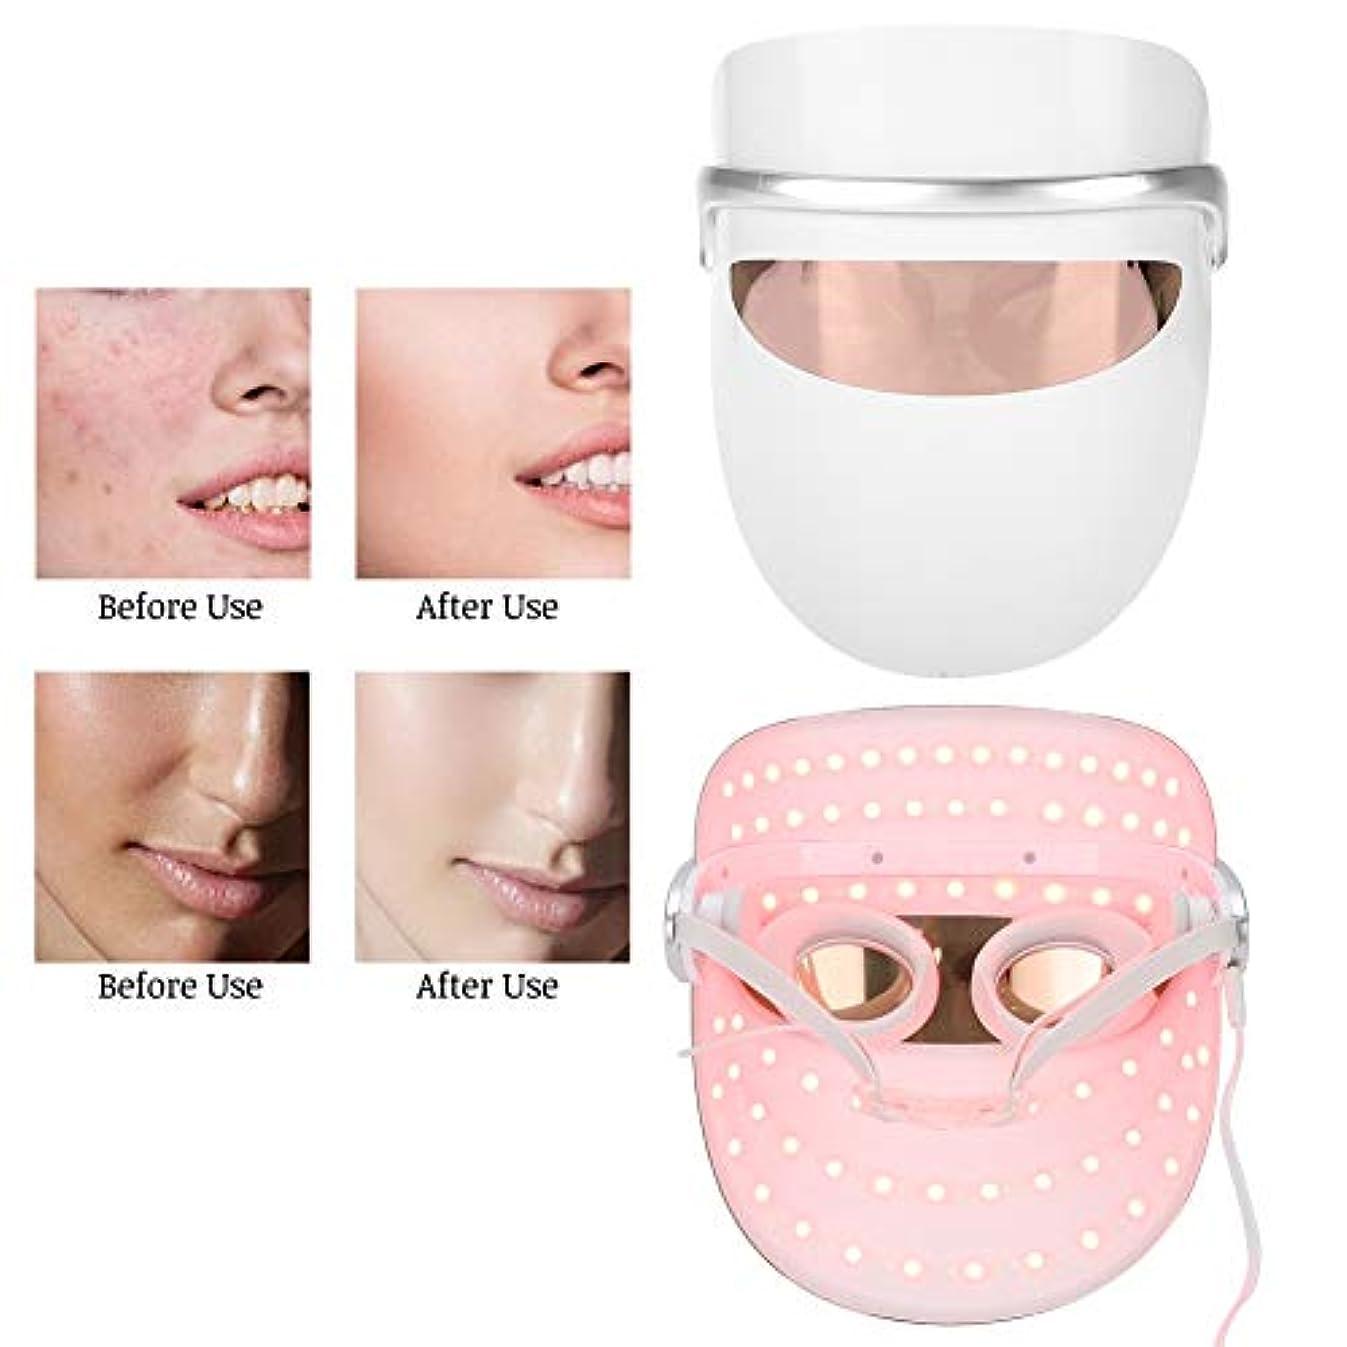 夕食を食べるストレステレビ皮の若返りLED装置、3色LEDライト顔のスキンケアの美装置、反老化はフェイスマスクを明るくします